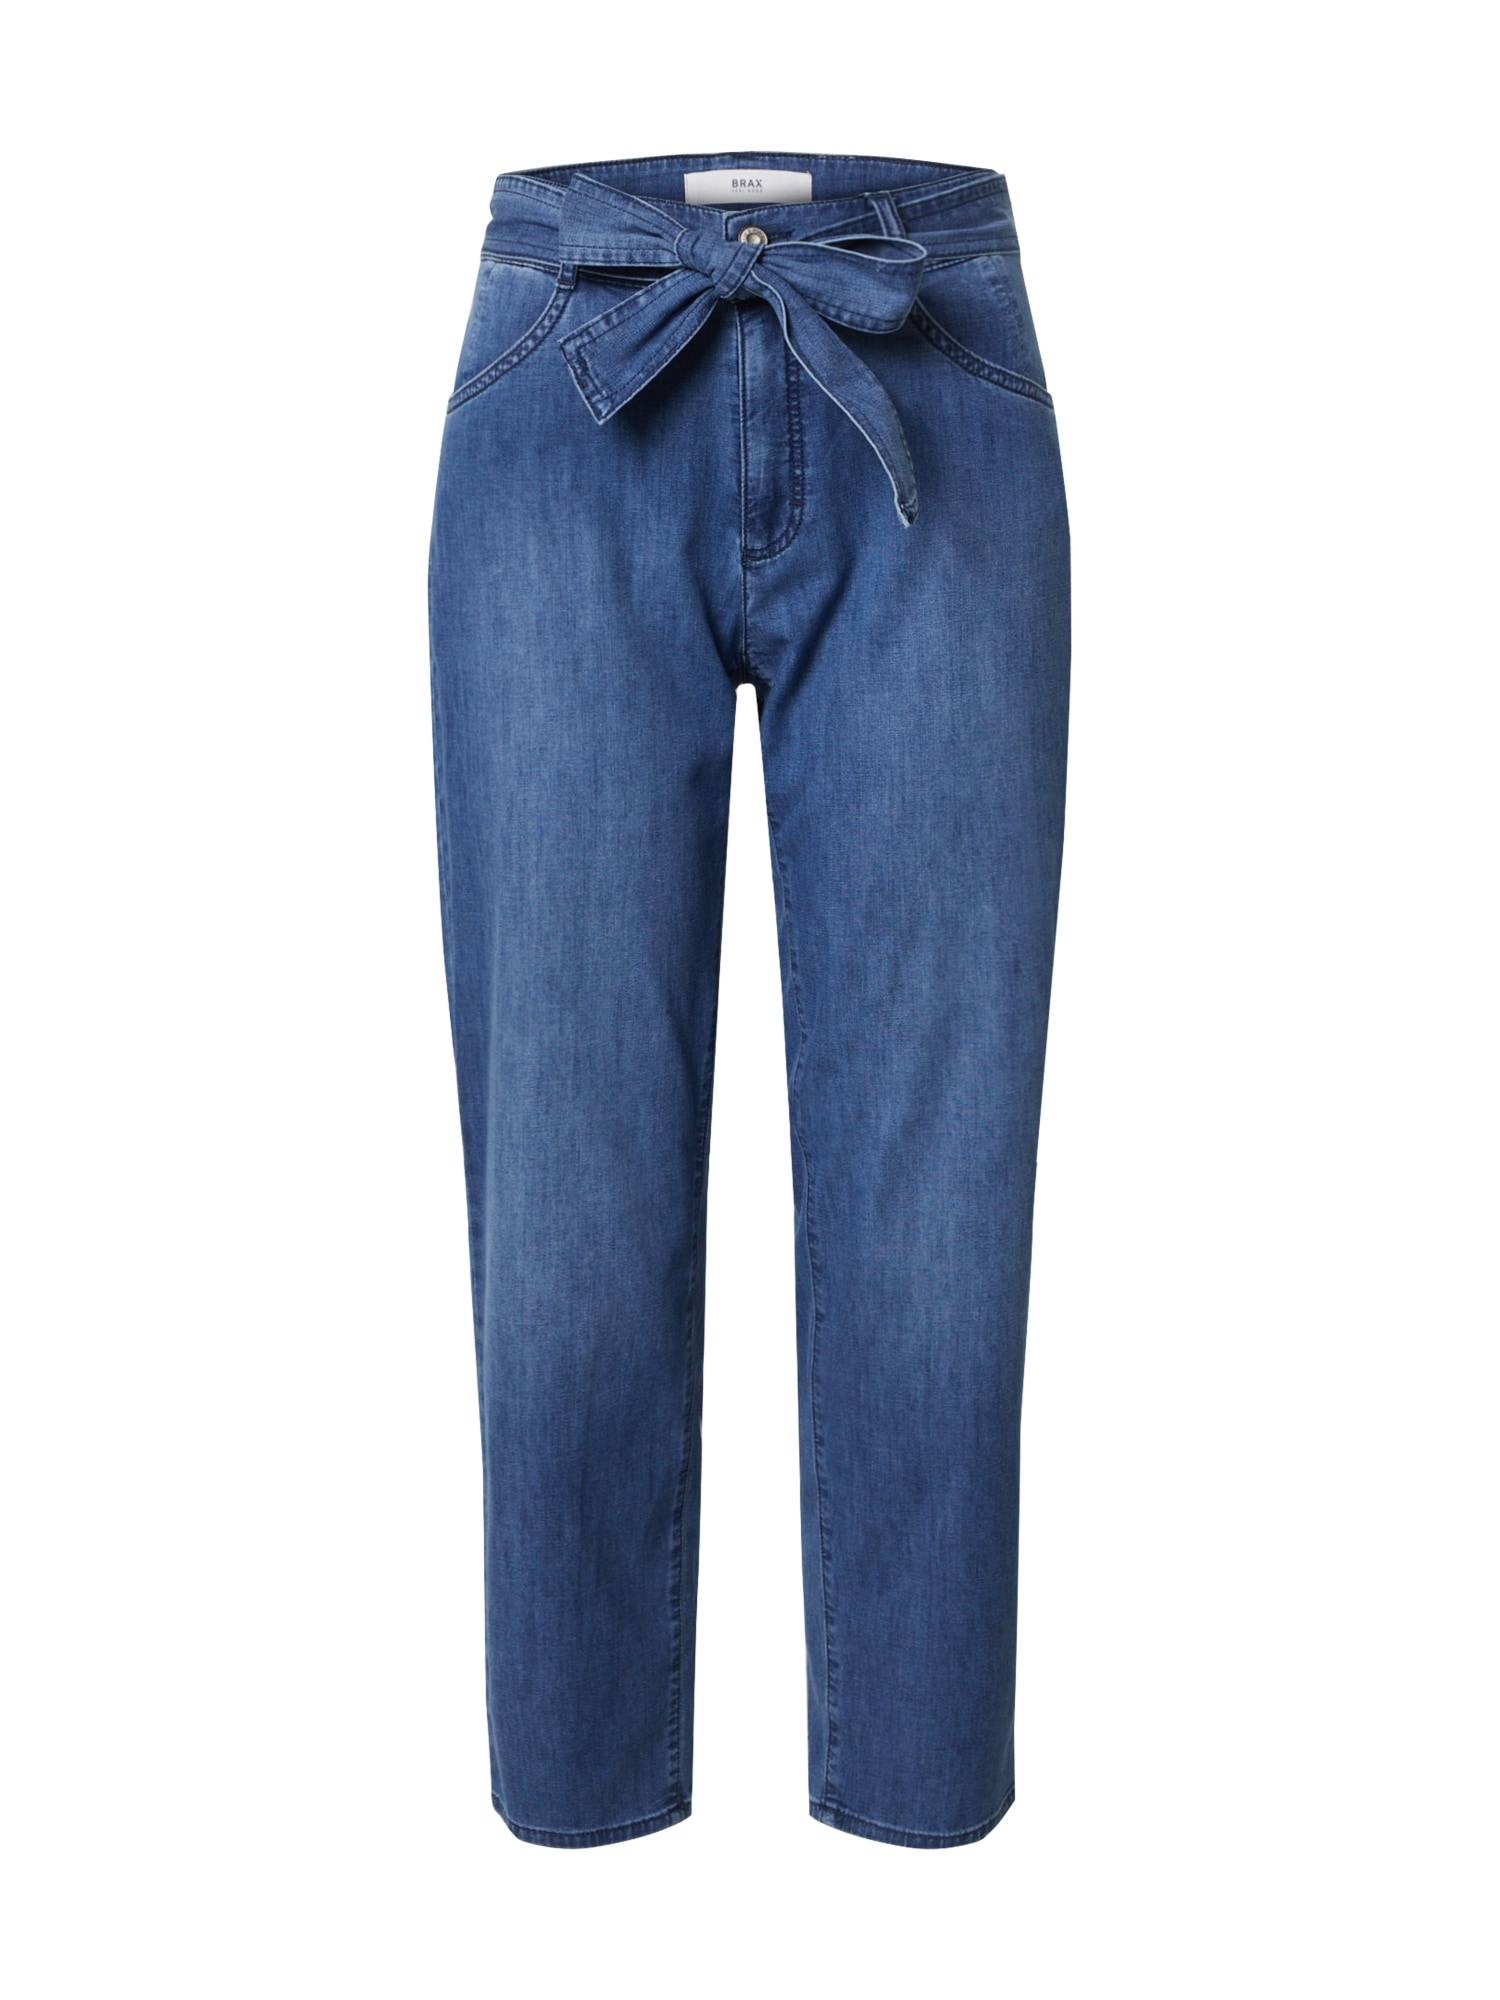 BRAX Jean 'MELO'  - Bleu - Taille: 27-28 - female